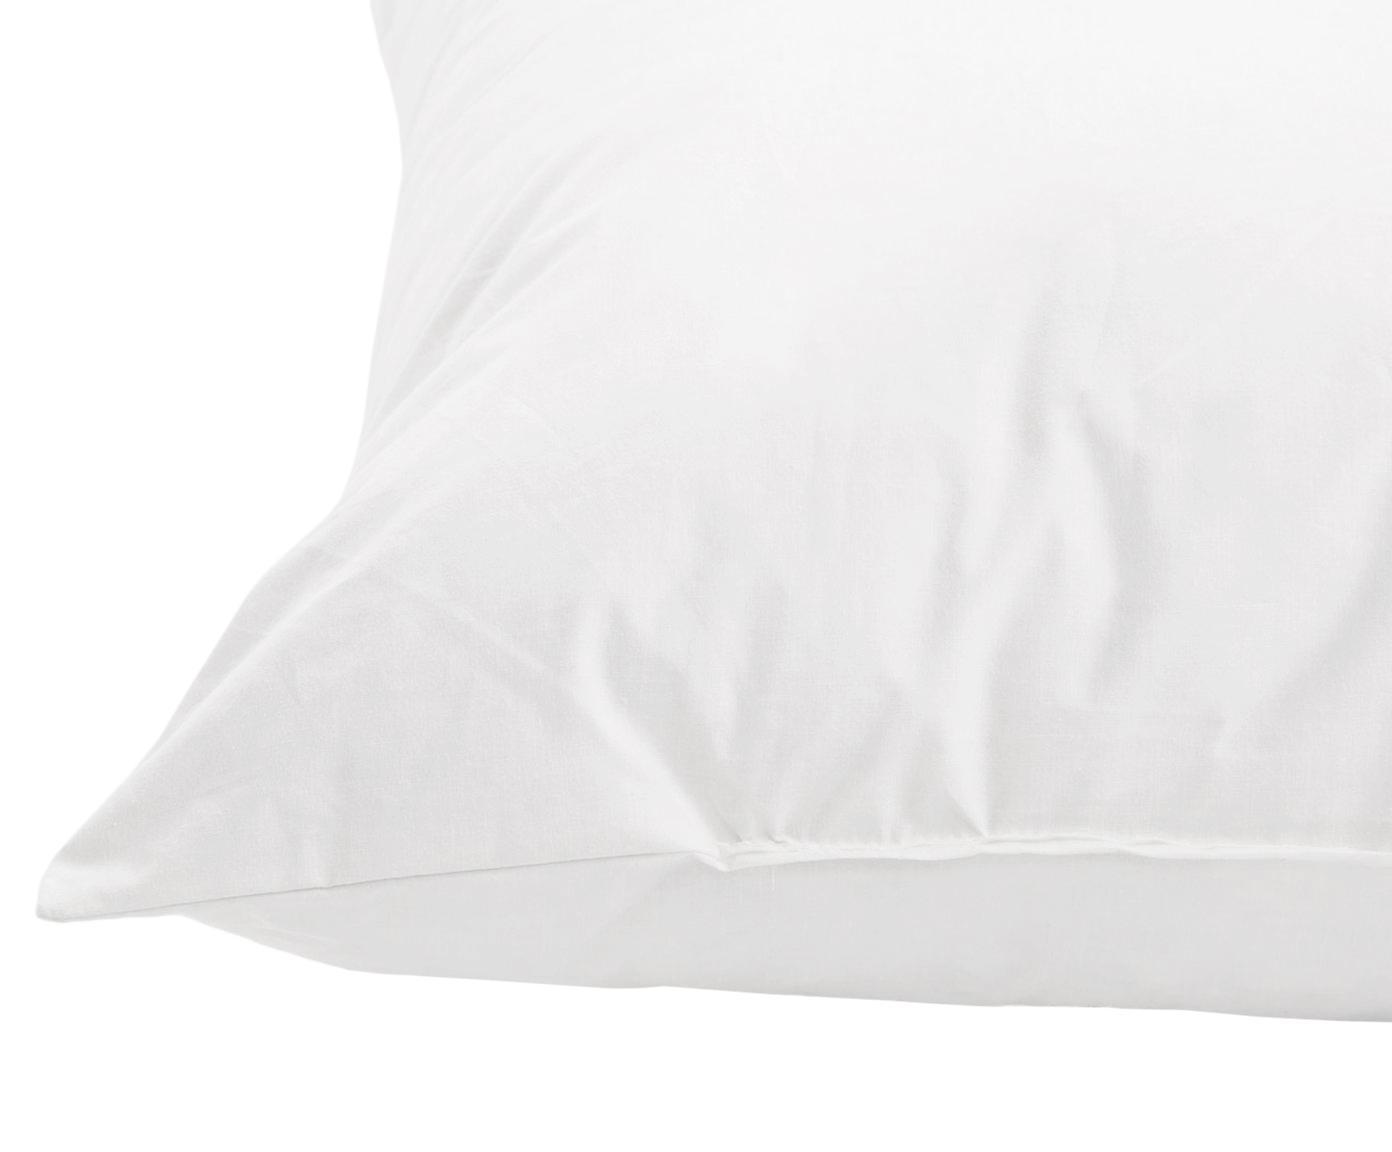 Sierkussenvulling Komfort, 40 x 40, Wit, 40 x 40 cm